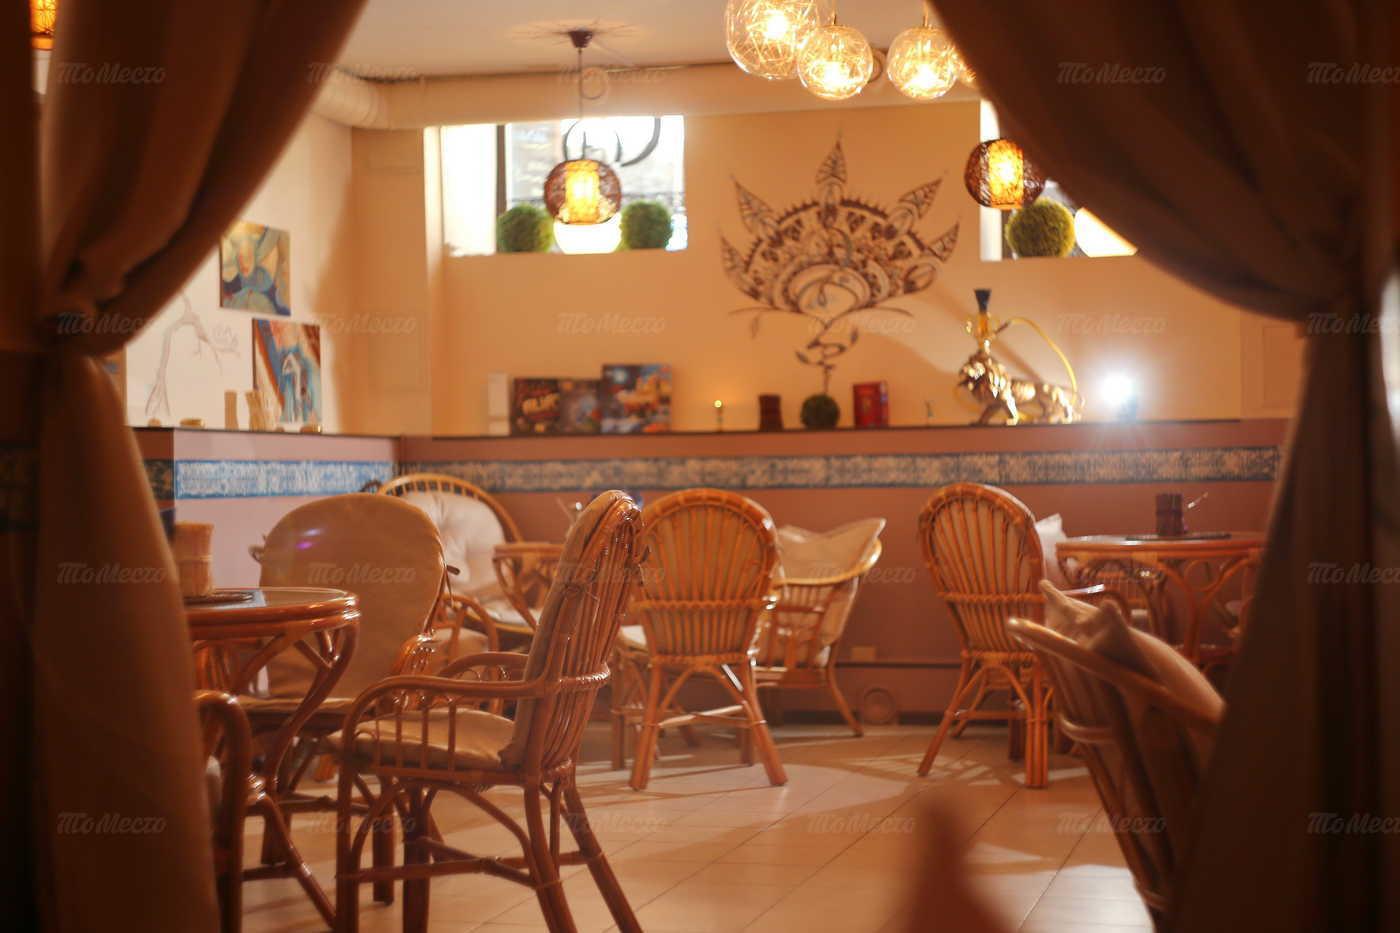 Меню кафе, ресторана Индиго (Indigo) на Разъезжей улице